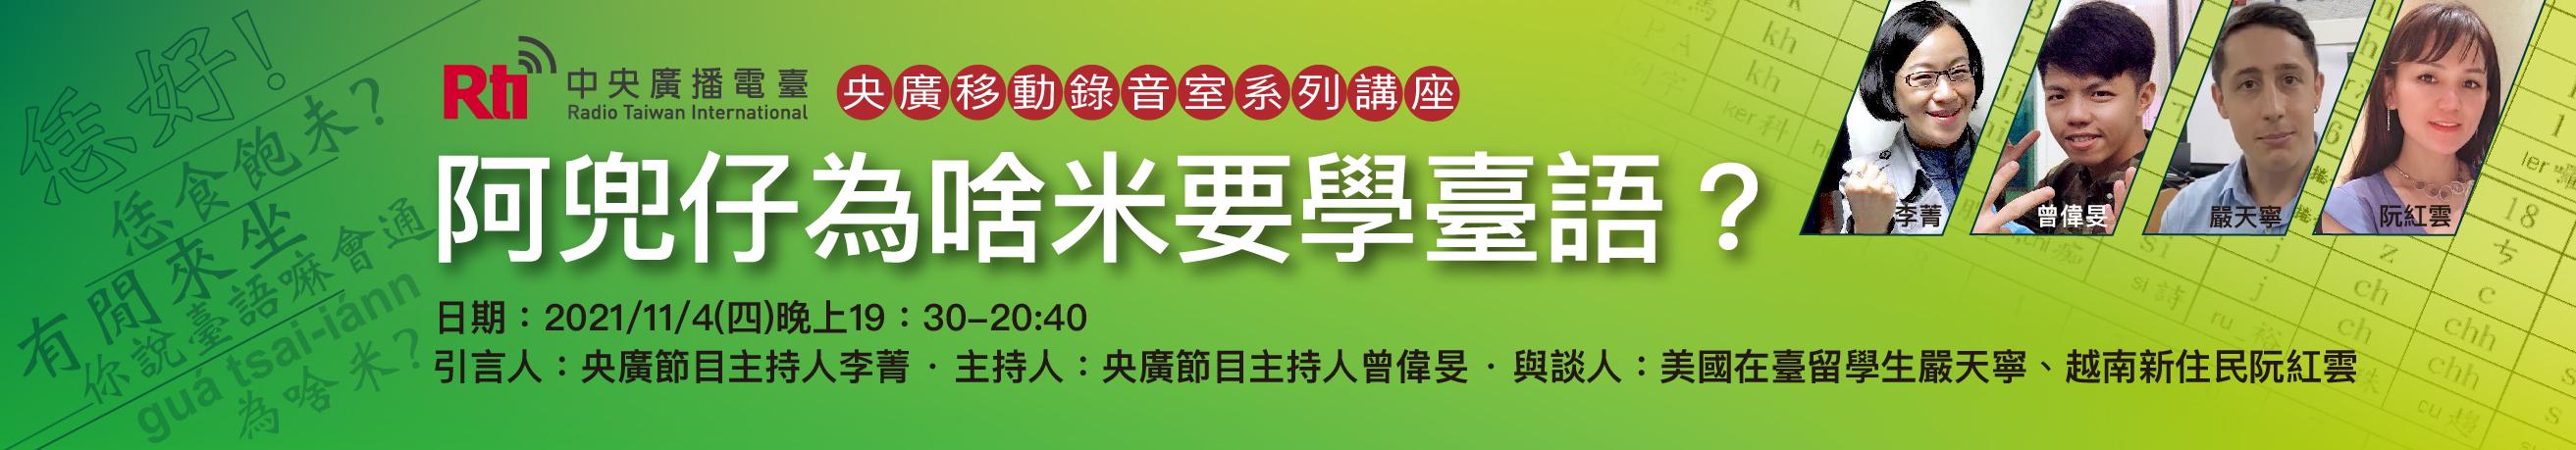 移動錄音室11/4場次banner